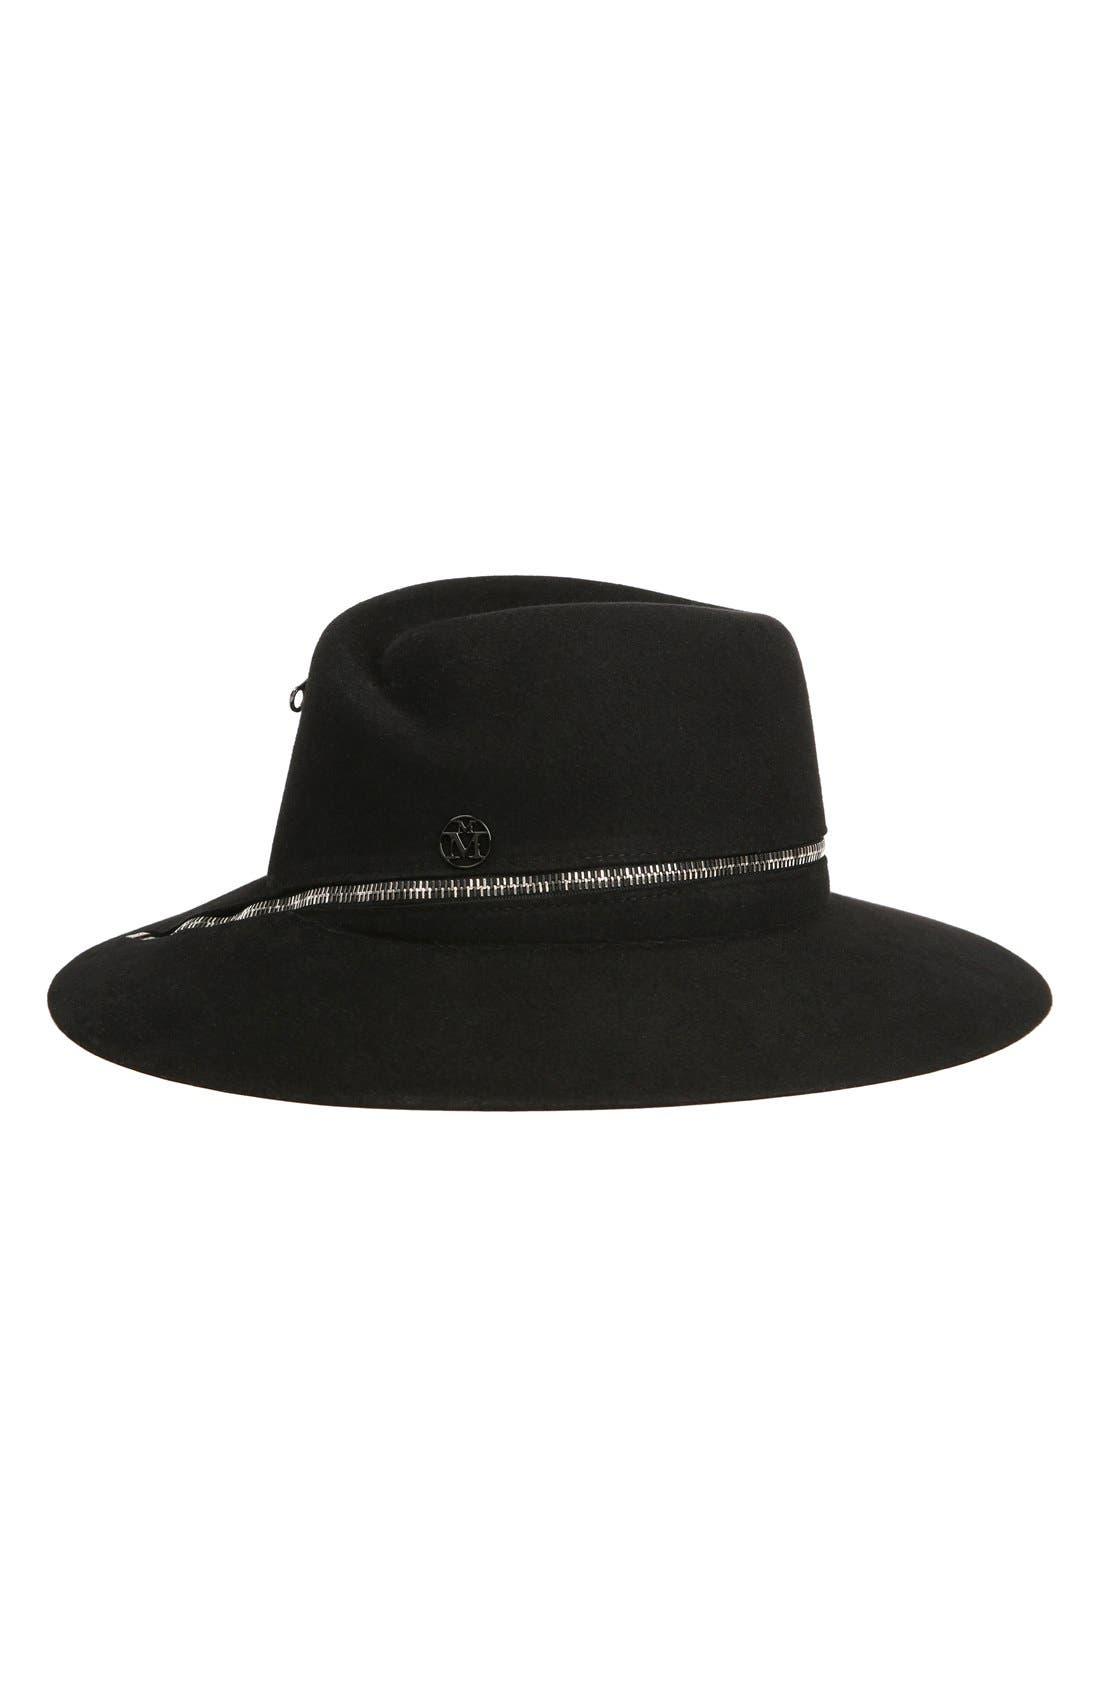 Virginie Fur Felt Hat,                             Main thumbnail 1, color,                             001